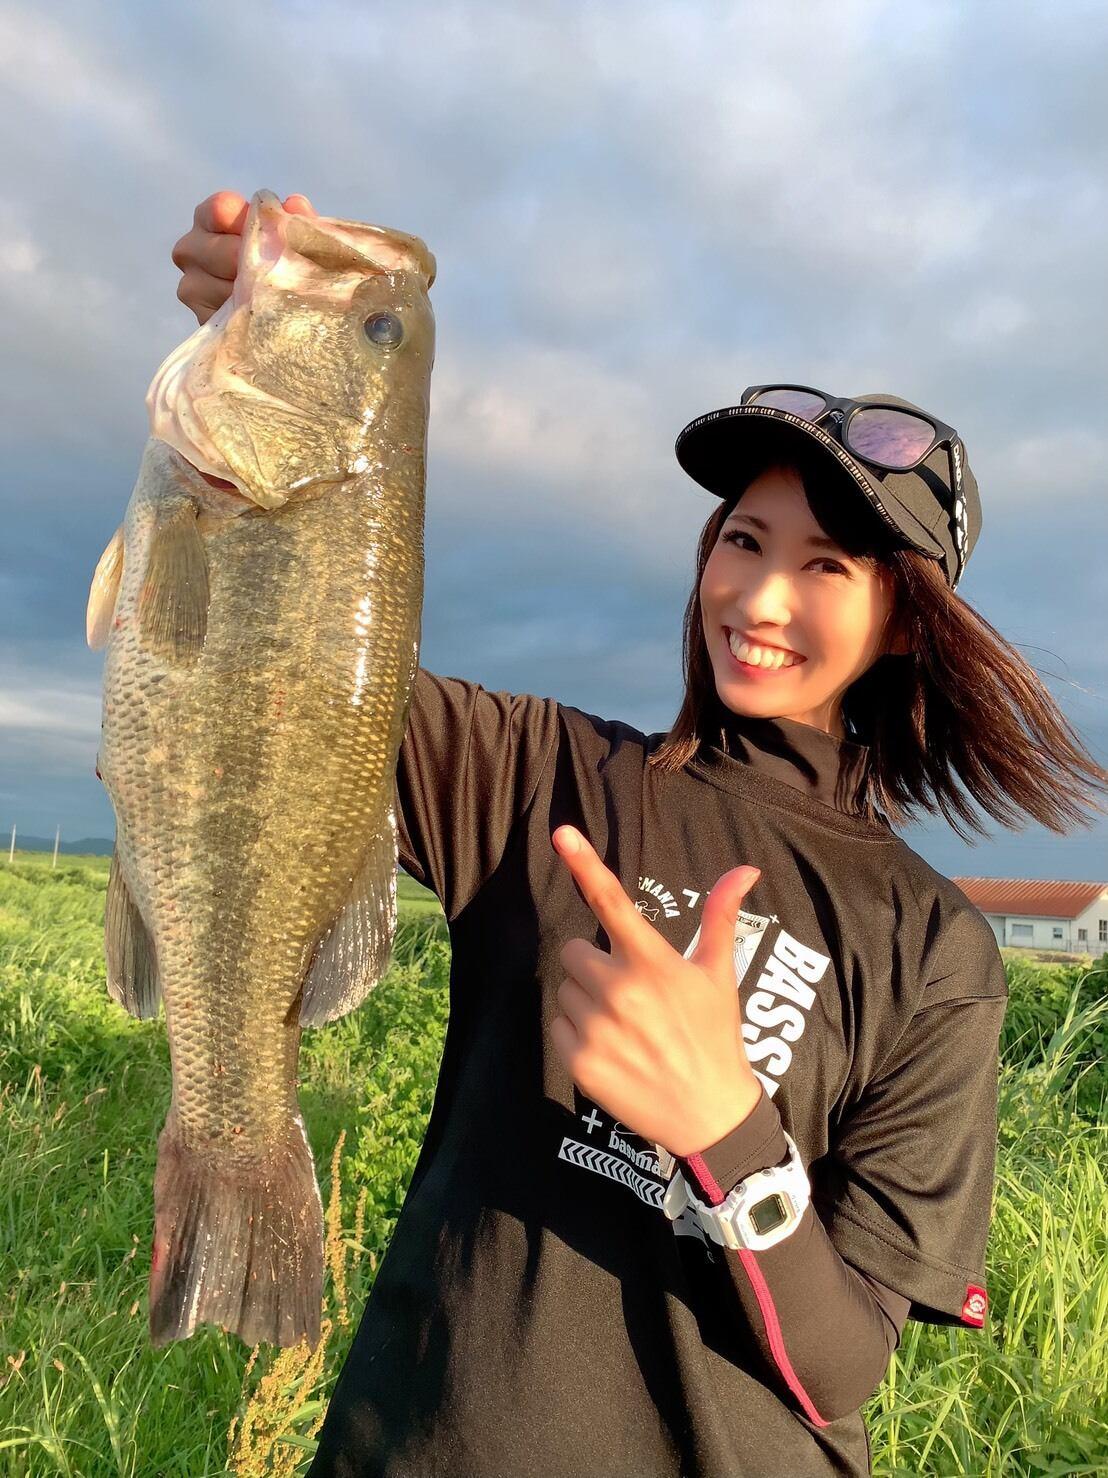 bassmania field staff 【Saiko】